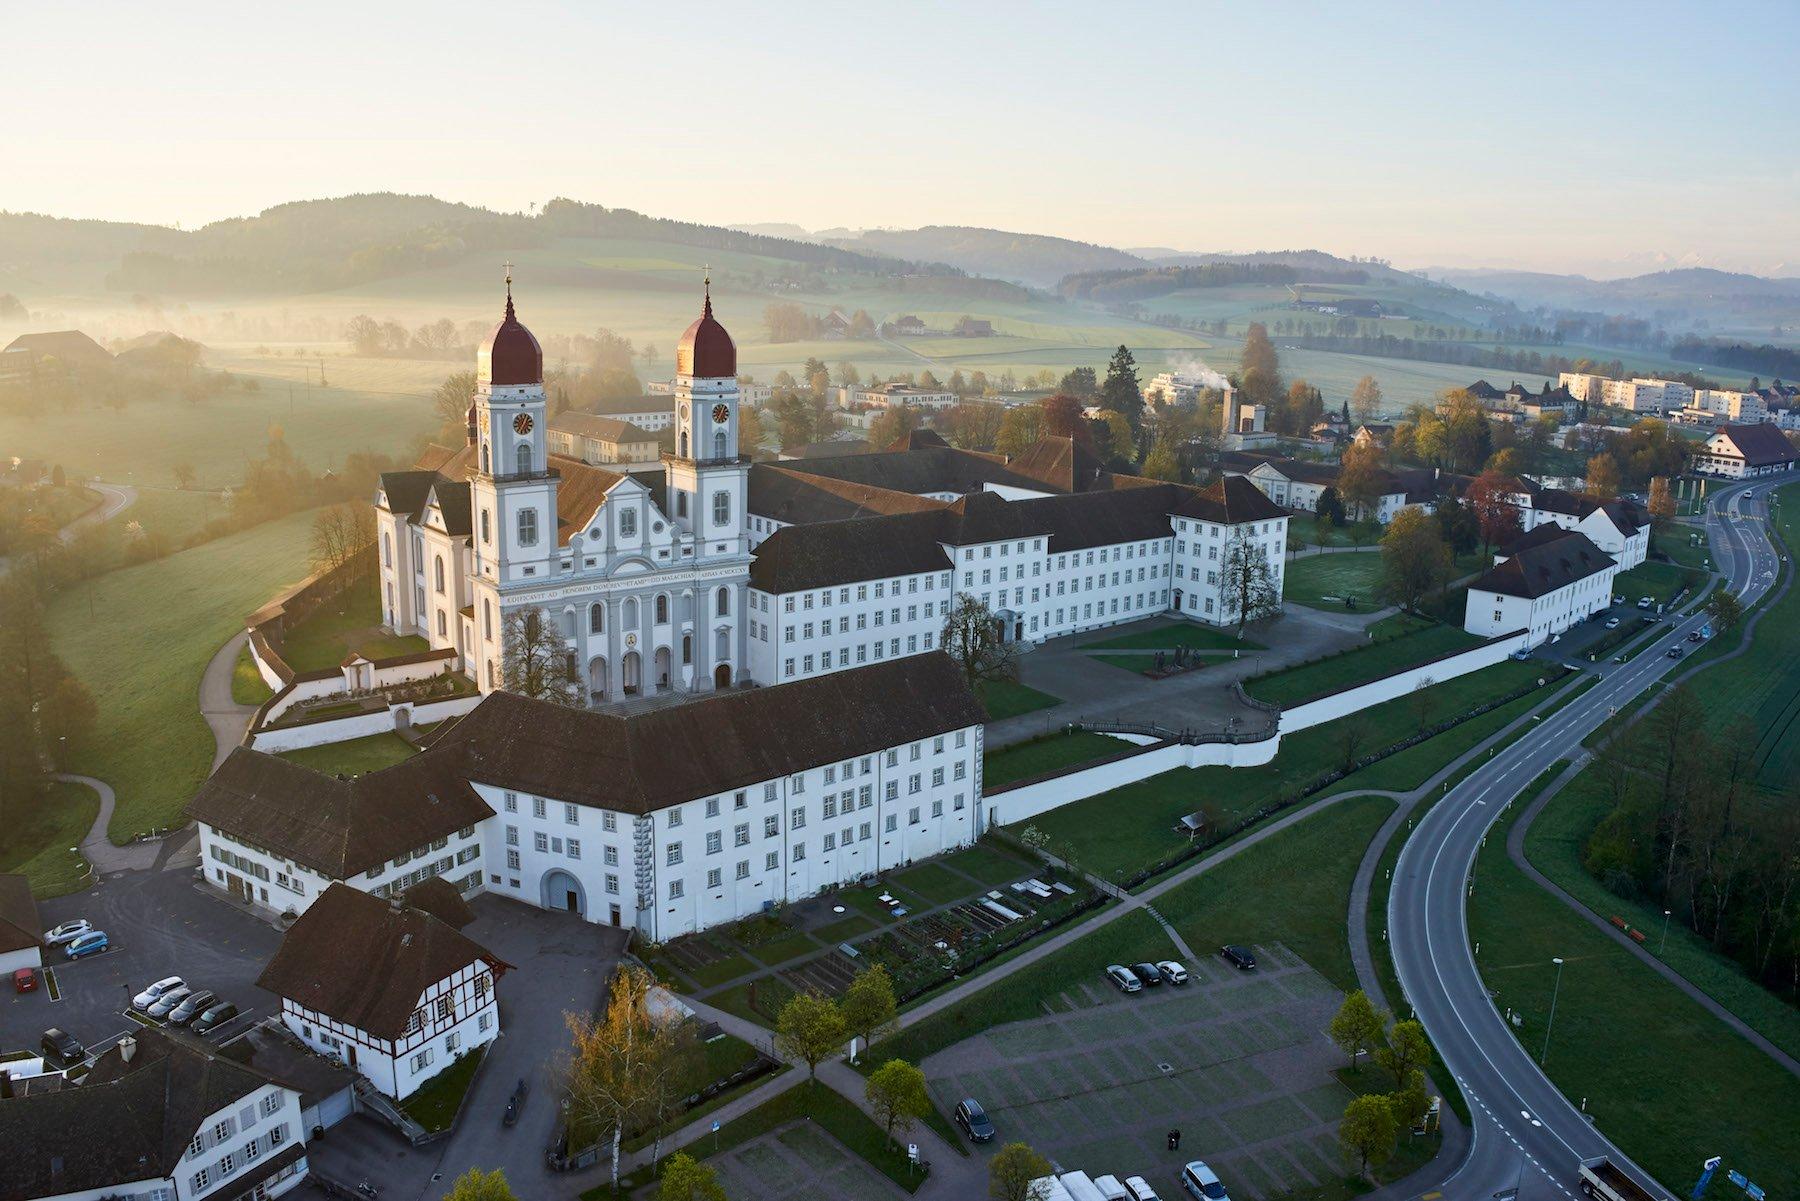 Die barocke Klosteranlage, zwischen 1711 und 1780 erbaut, mit dem «Löwen» links unten im Bild.